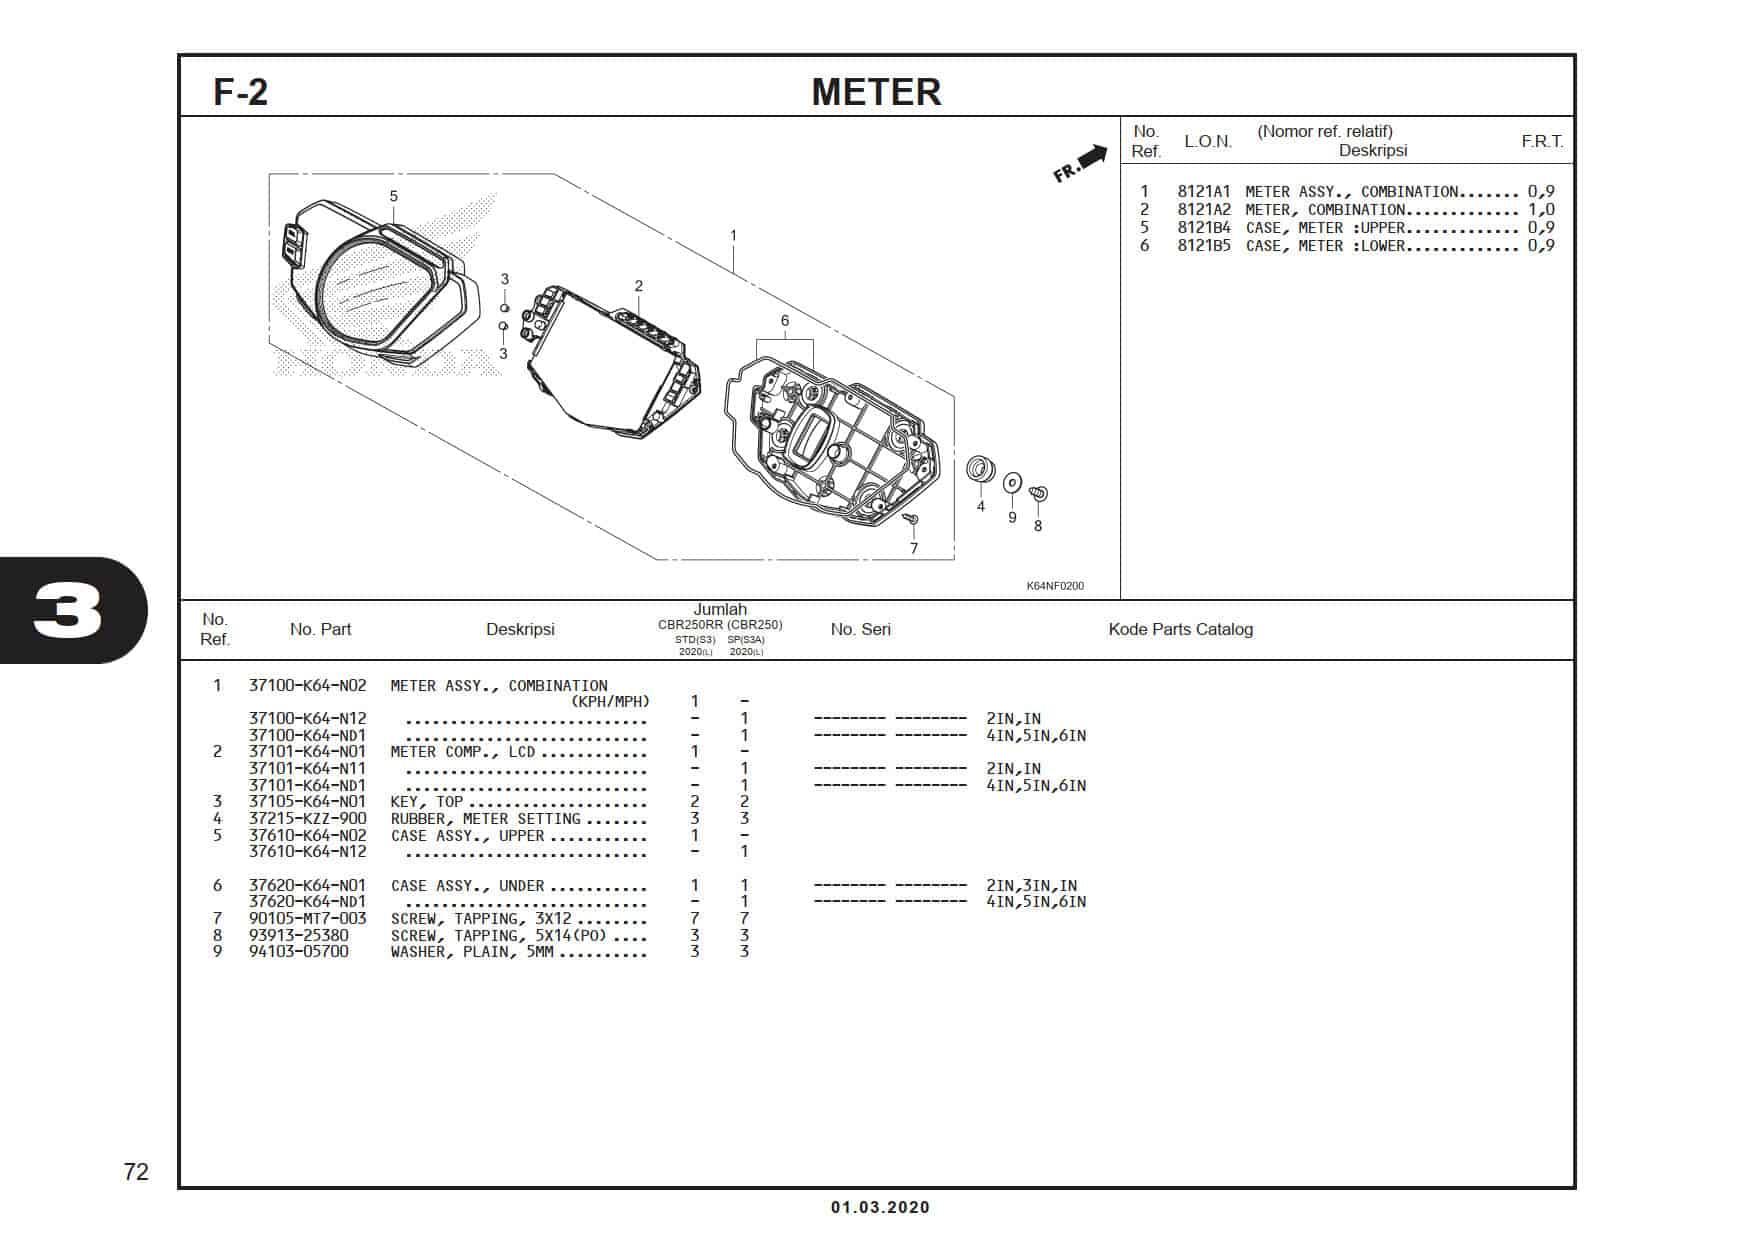 F-2 Meter -